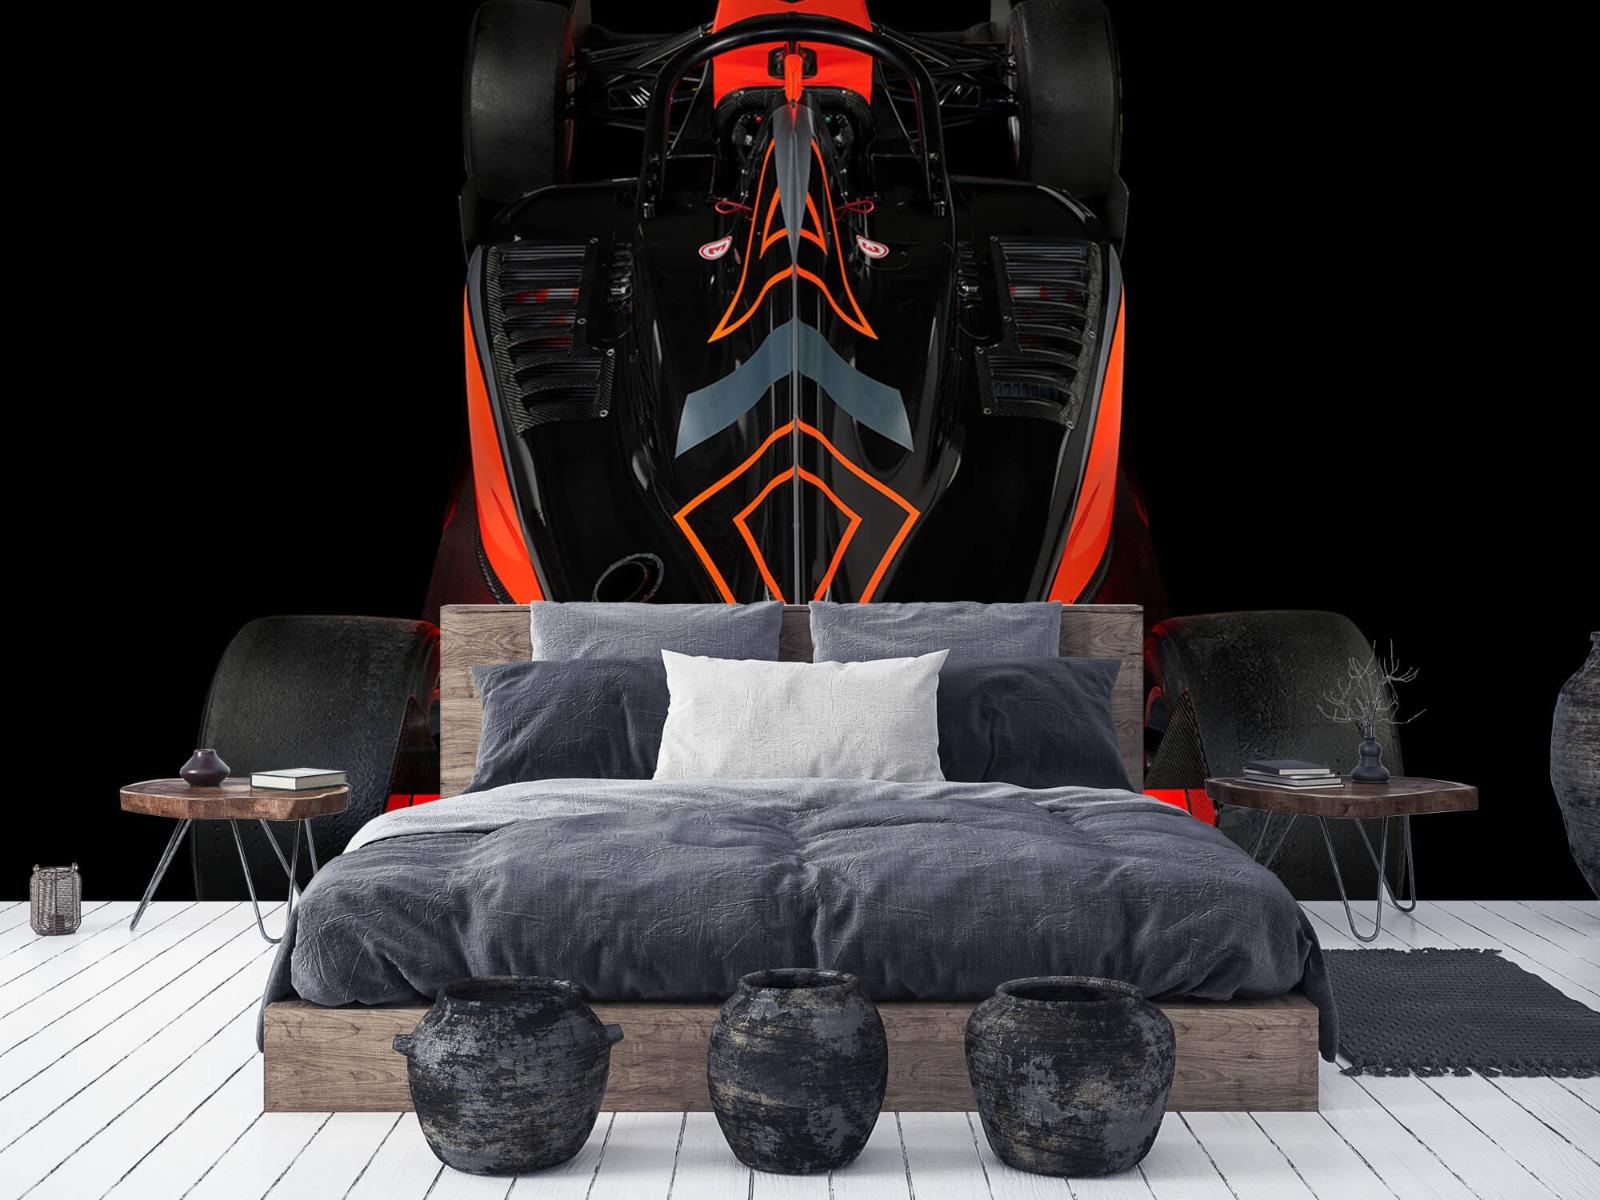 Sportauto's - Formule 3 - Rear view - dark - Tienerkamer 5